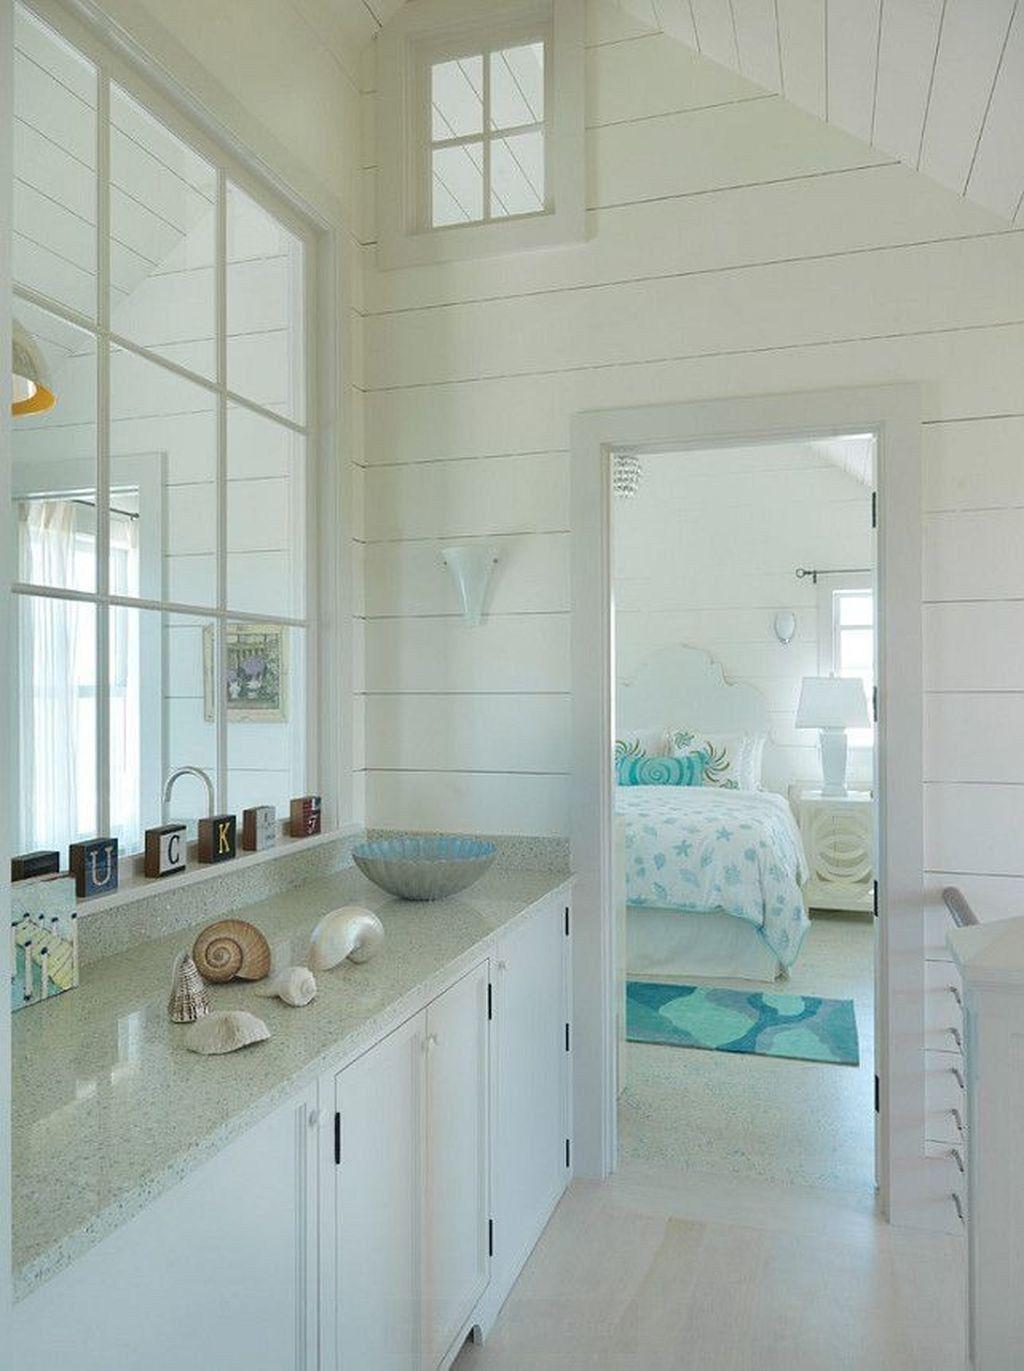 38 Fabulous Coastal Decor Ideas For Bathroom Beach Bathroom